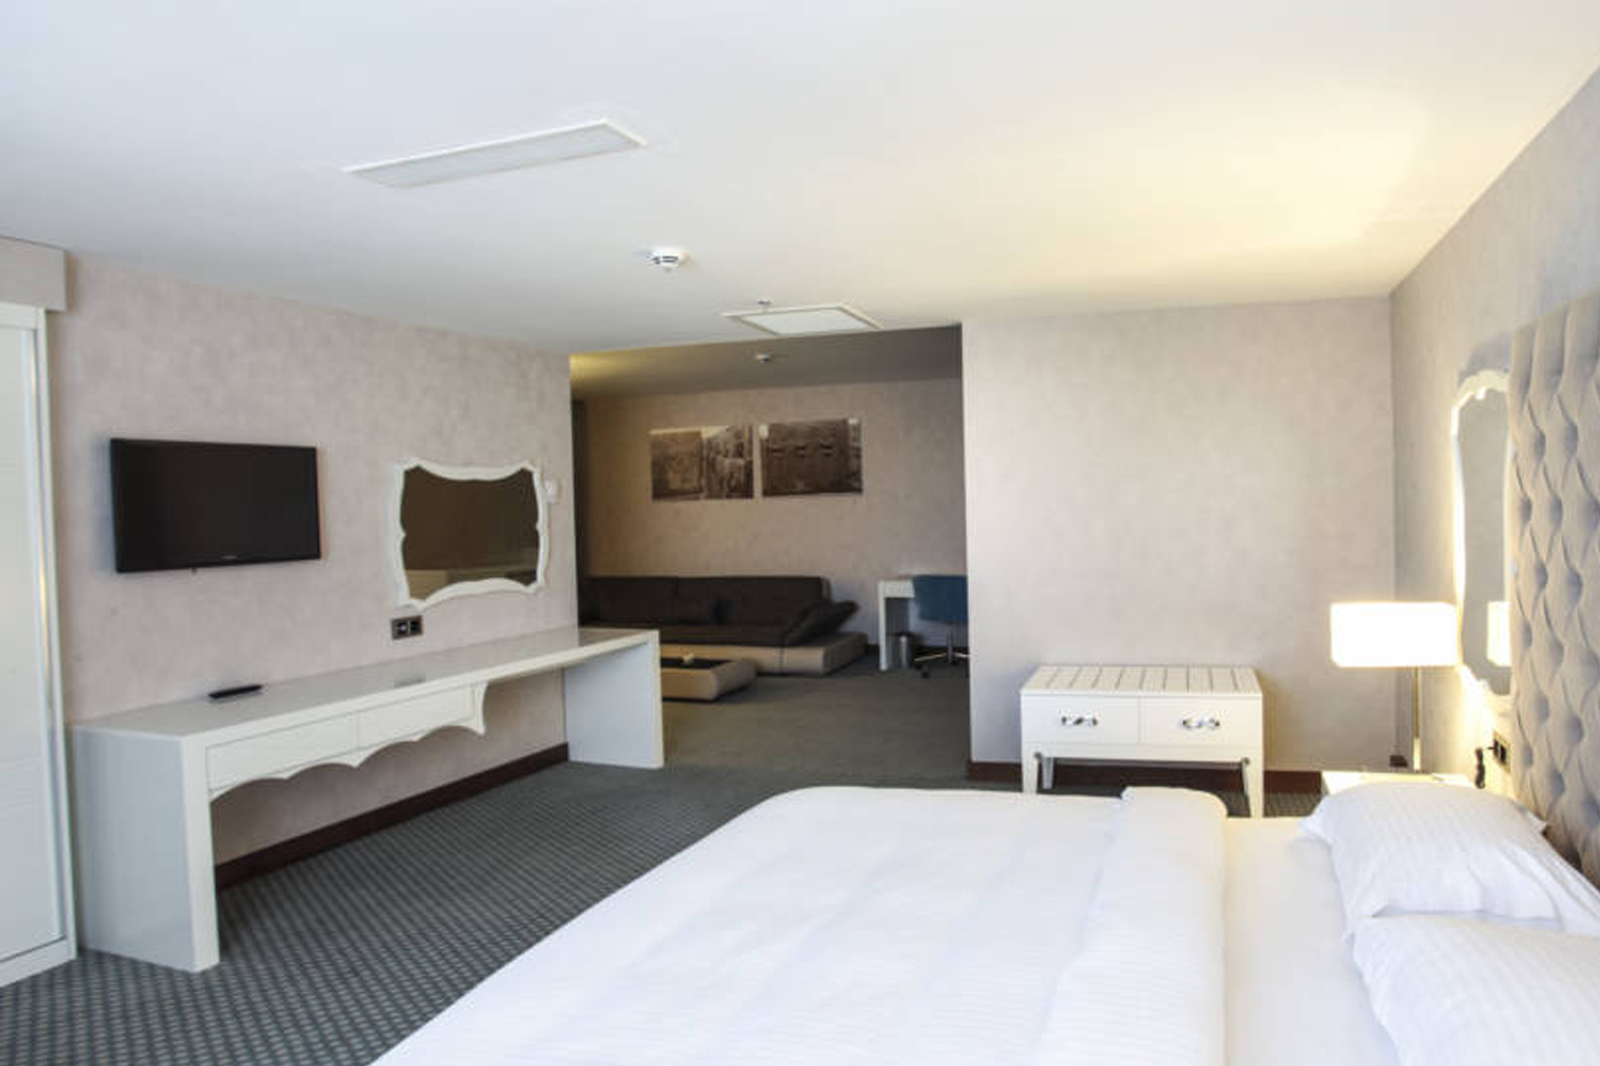 Lüks Suit Sabiha Gökçen Hotel